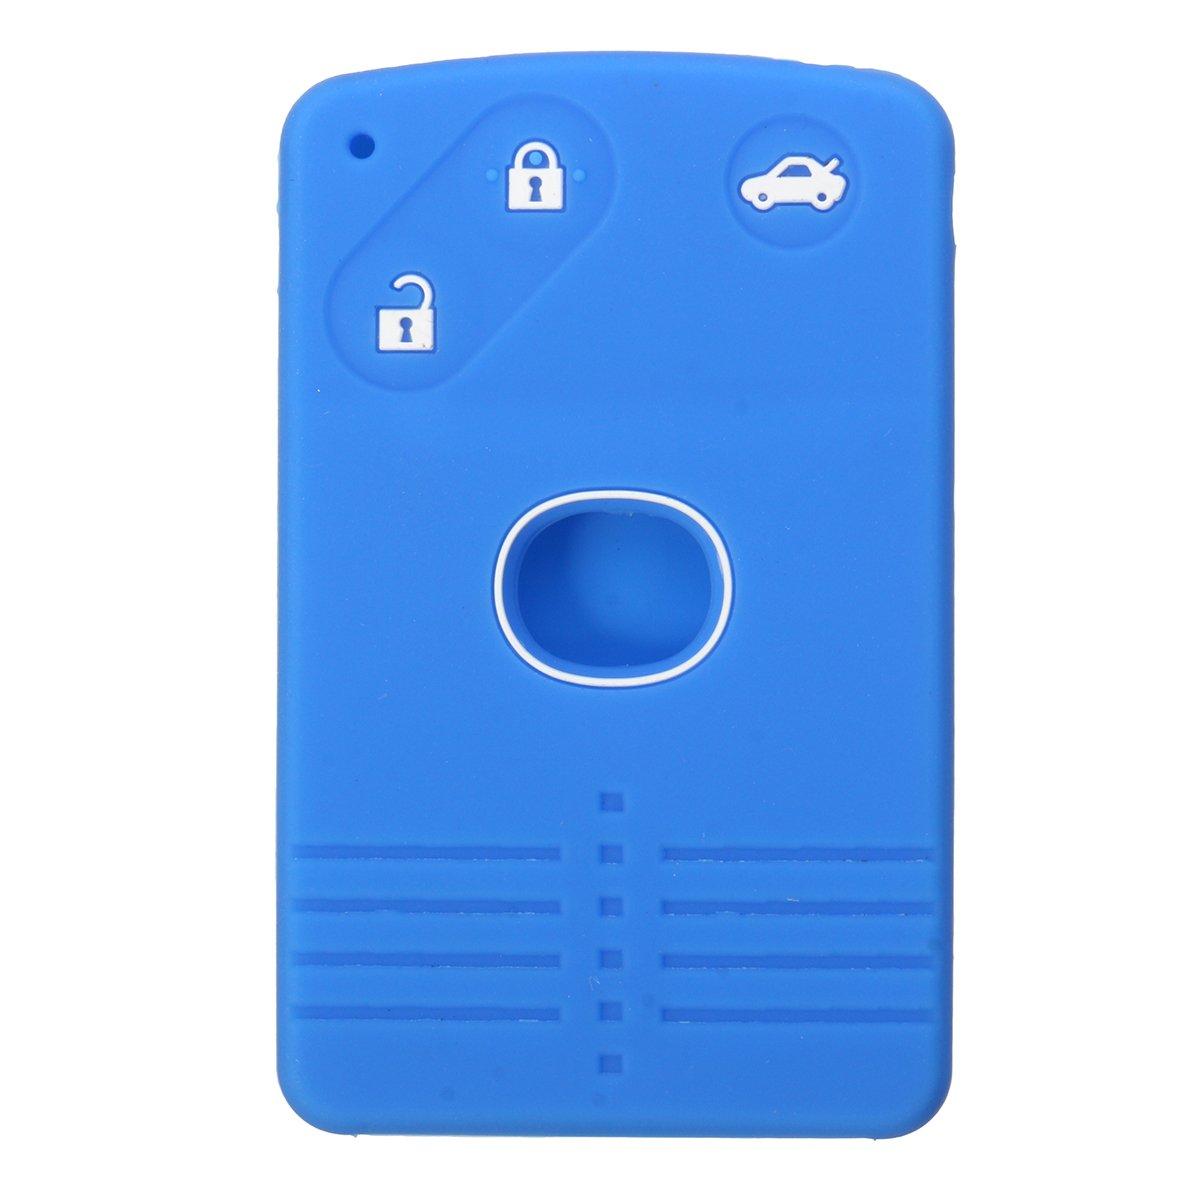 GOZAR Coche Clave Caso Cubierta Silicona 3 Botones Tarjeta Inteligente Caso Clave Cubierta Fob Para Mazda-Azul